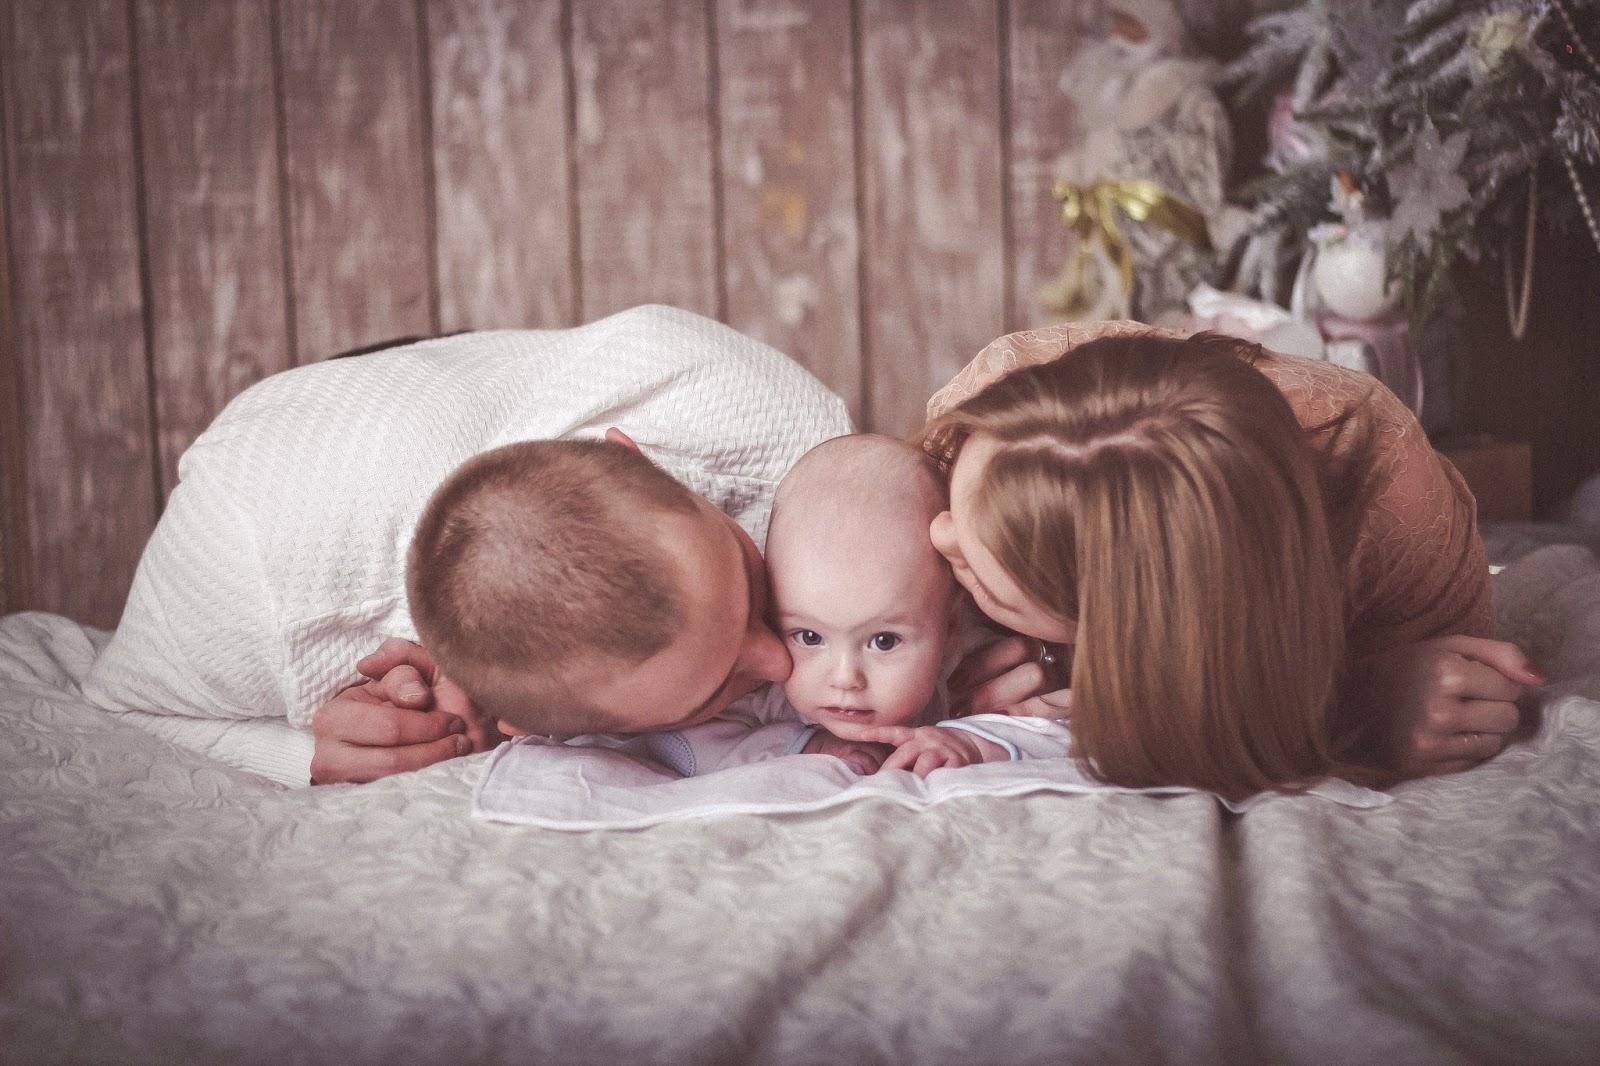 Смотреть онлайн дочь сосёт отцу пока тот разговаривает по телефону 11 фотография